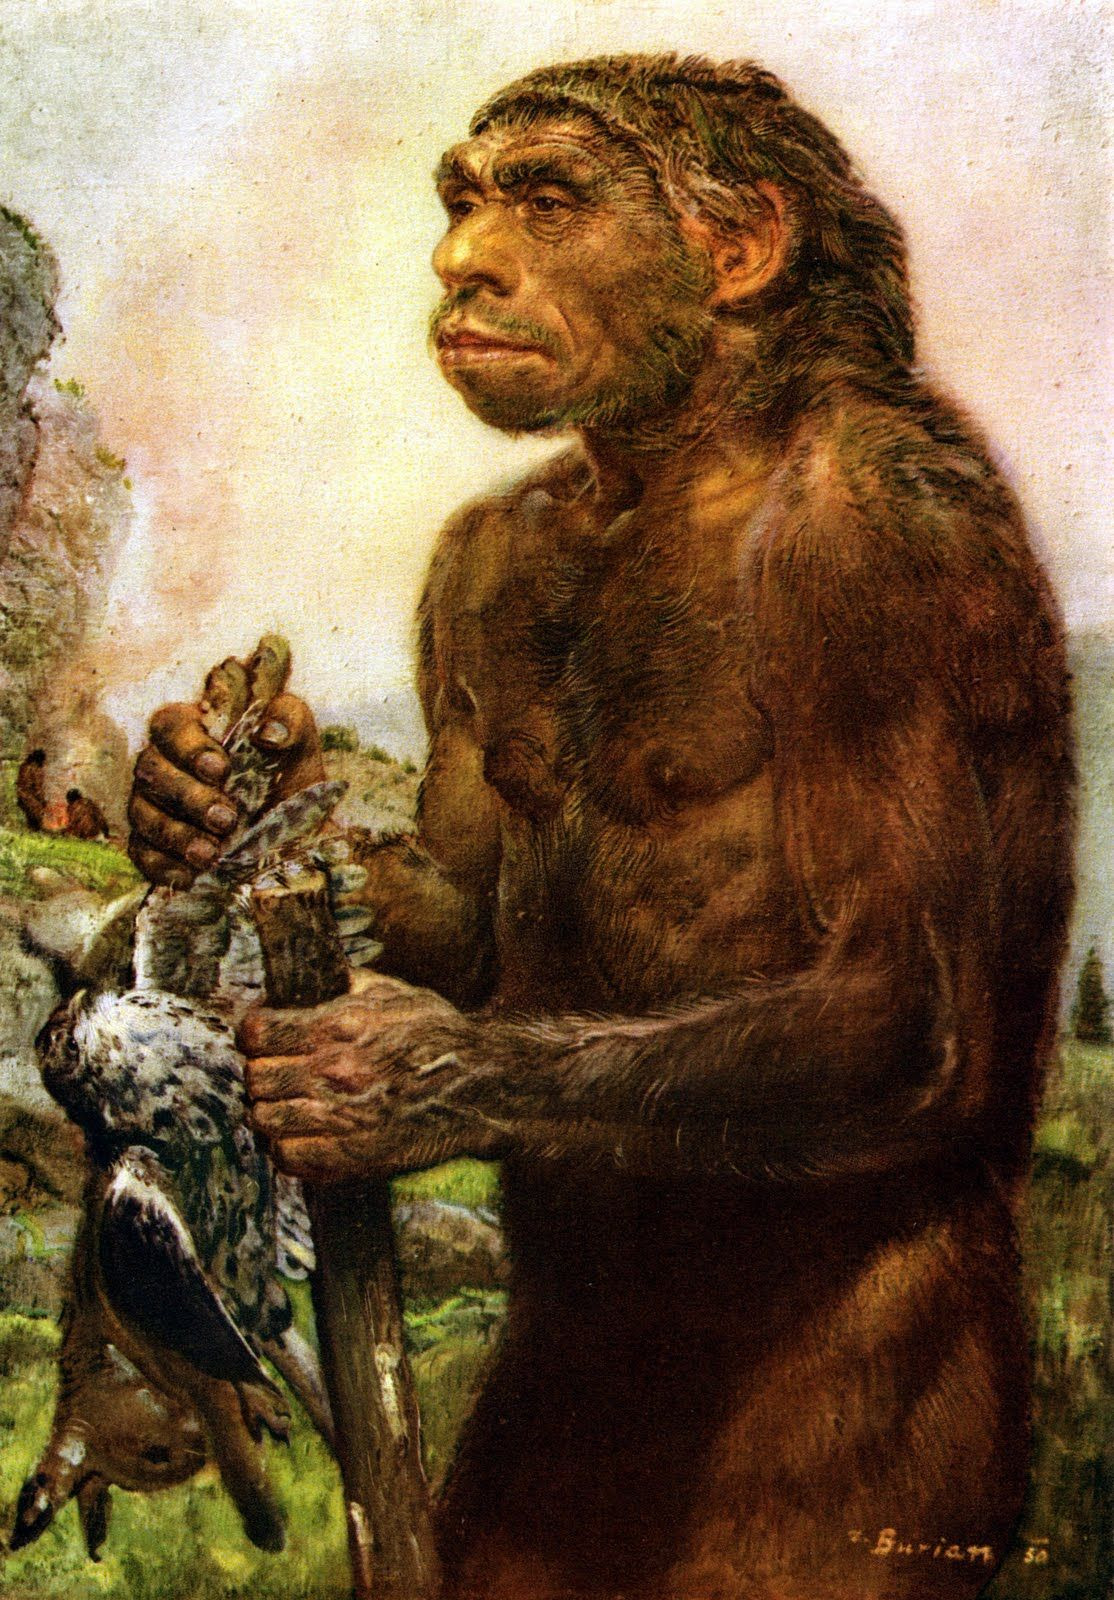 A Neanderthal By Zdenek Burian